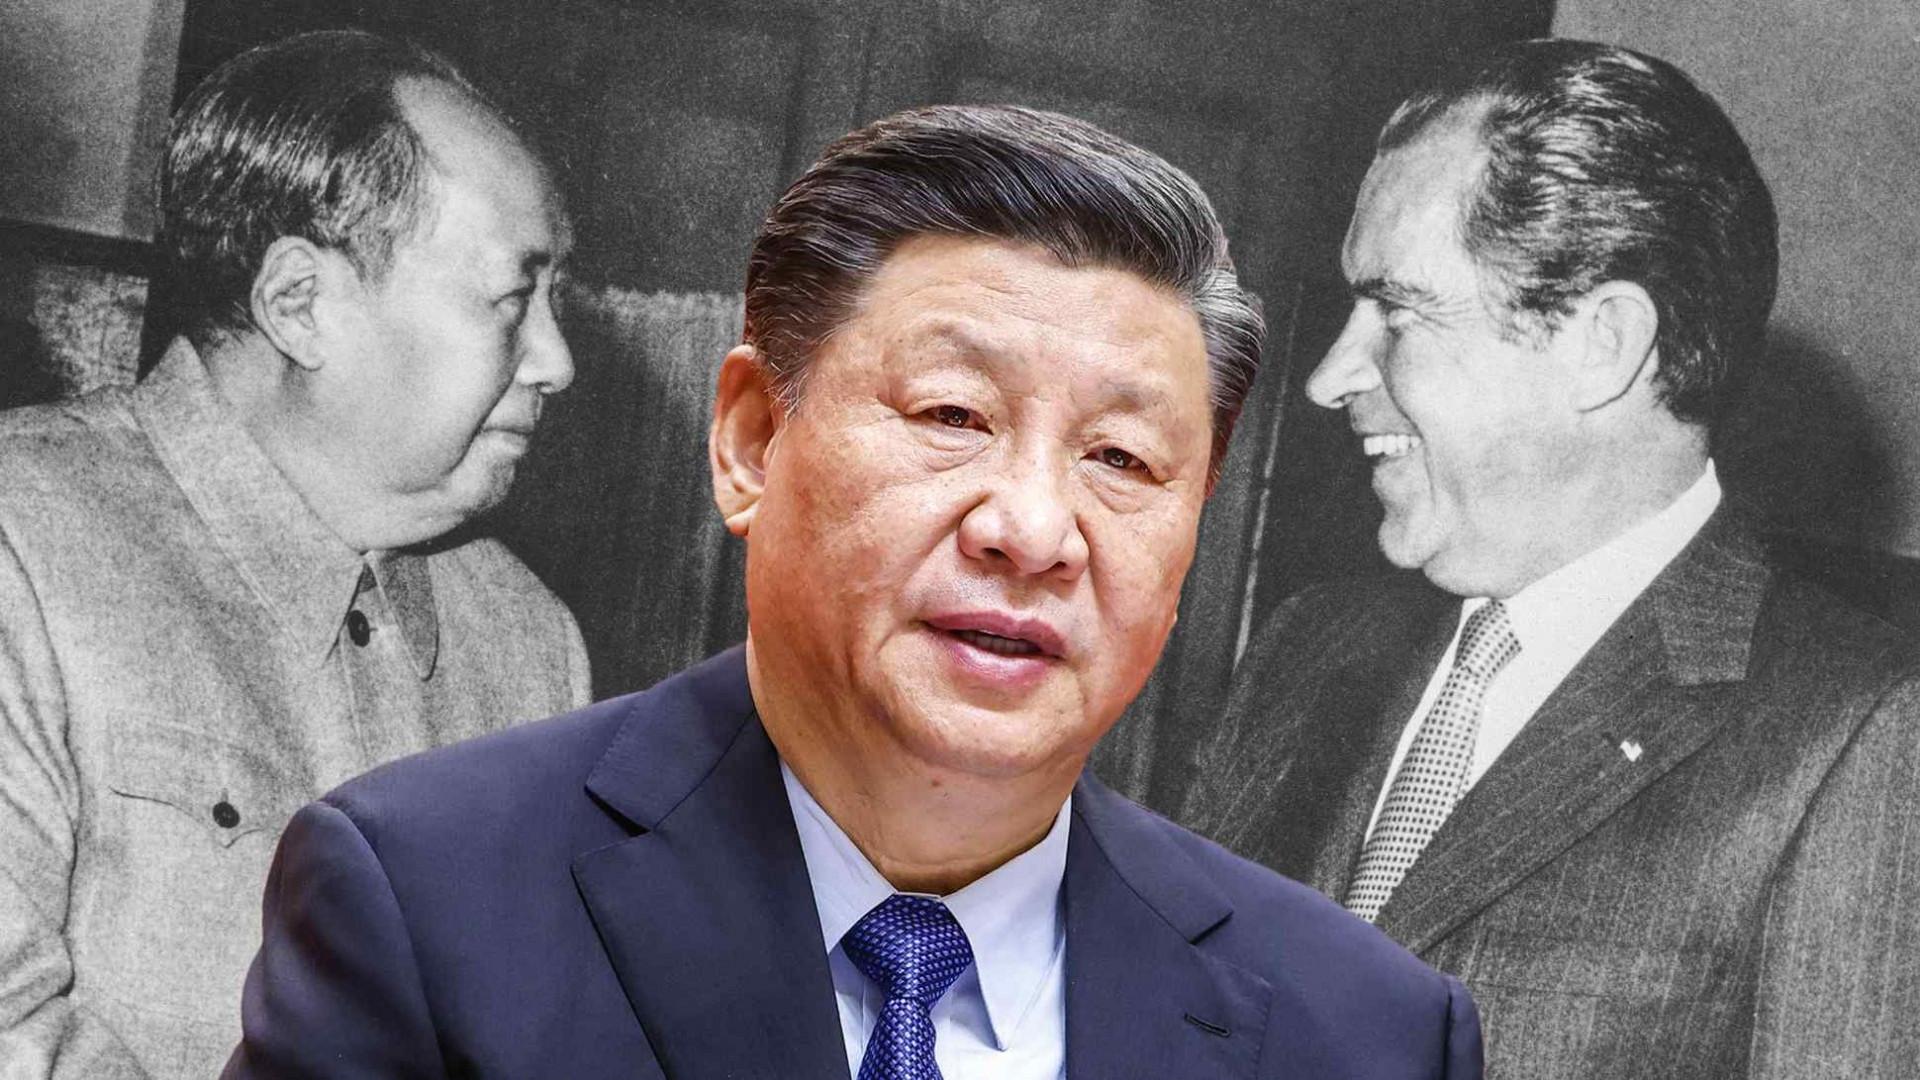 Cuộc gặp năm 1972 giữa Mao Trạch Đông và Tổng thống Hoa Kỳ Richard Nixon đã khởi động quá trình bình thường hóa quan hệ giữa Hoa Kỳ và Trung Quốc và định hình lại nền chính trị toàn cầu. (Nguồn ảnh AP và Tân Hoa xã / Kyodo)